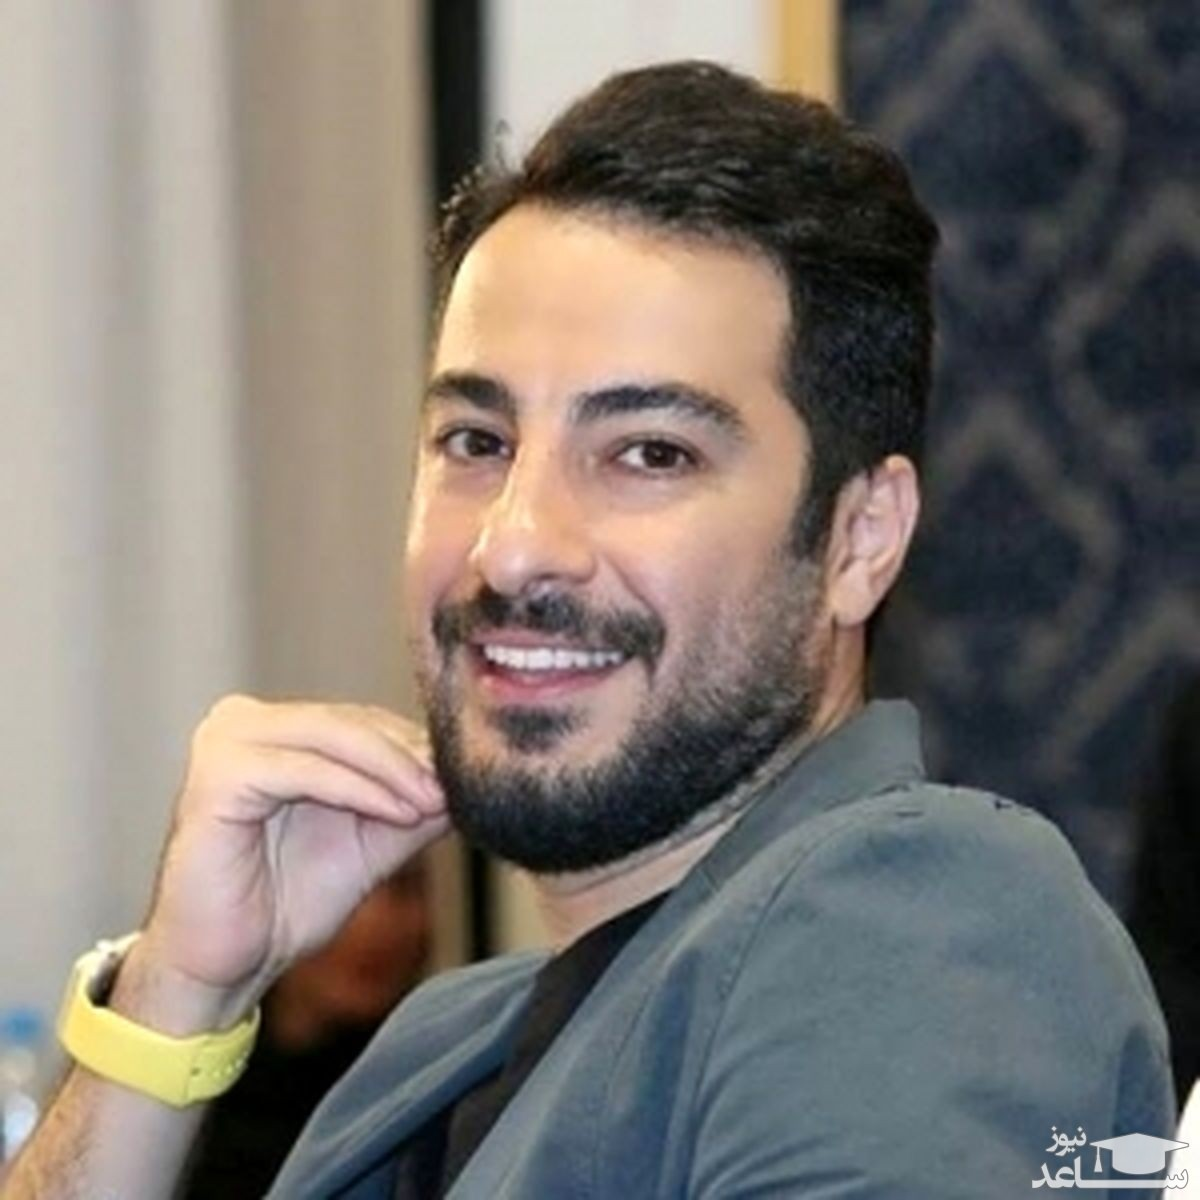 قلب نوید محمدزاده پای پست فرشته حسینی